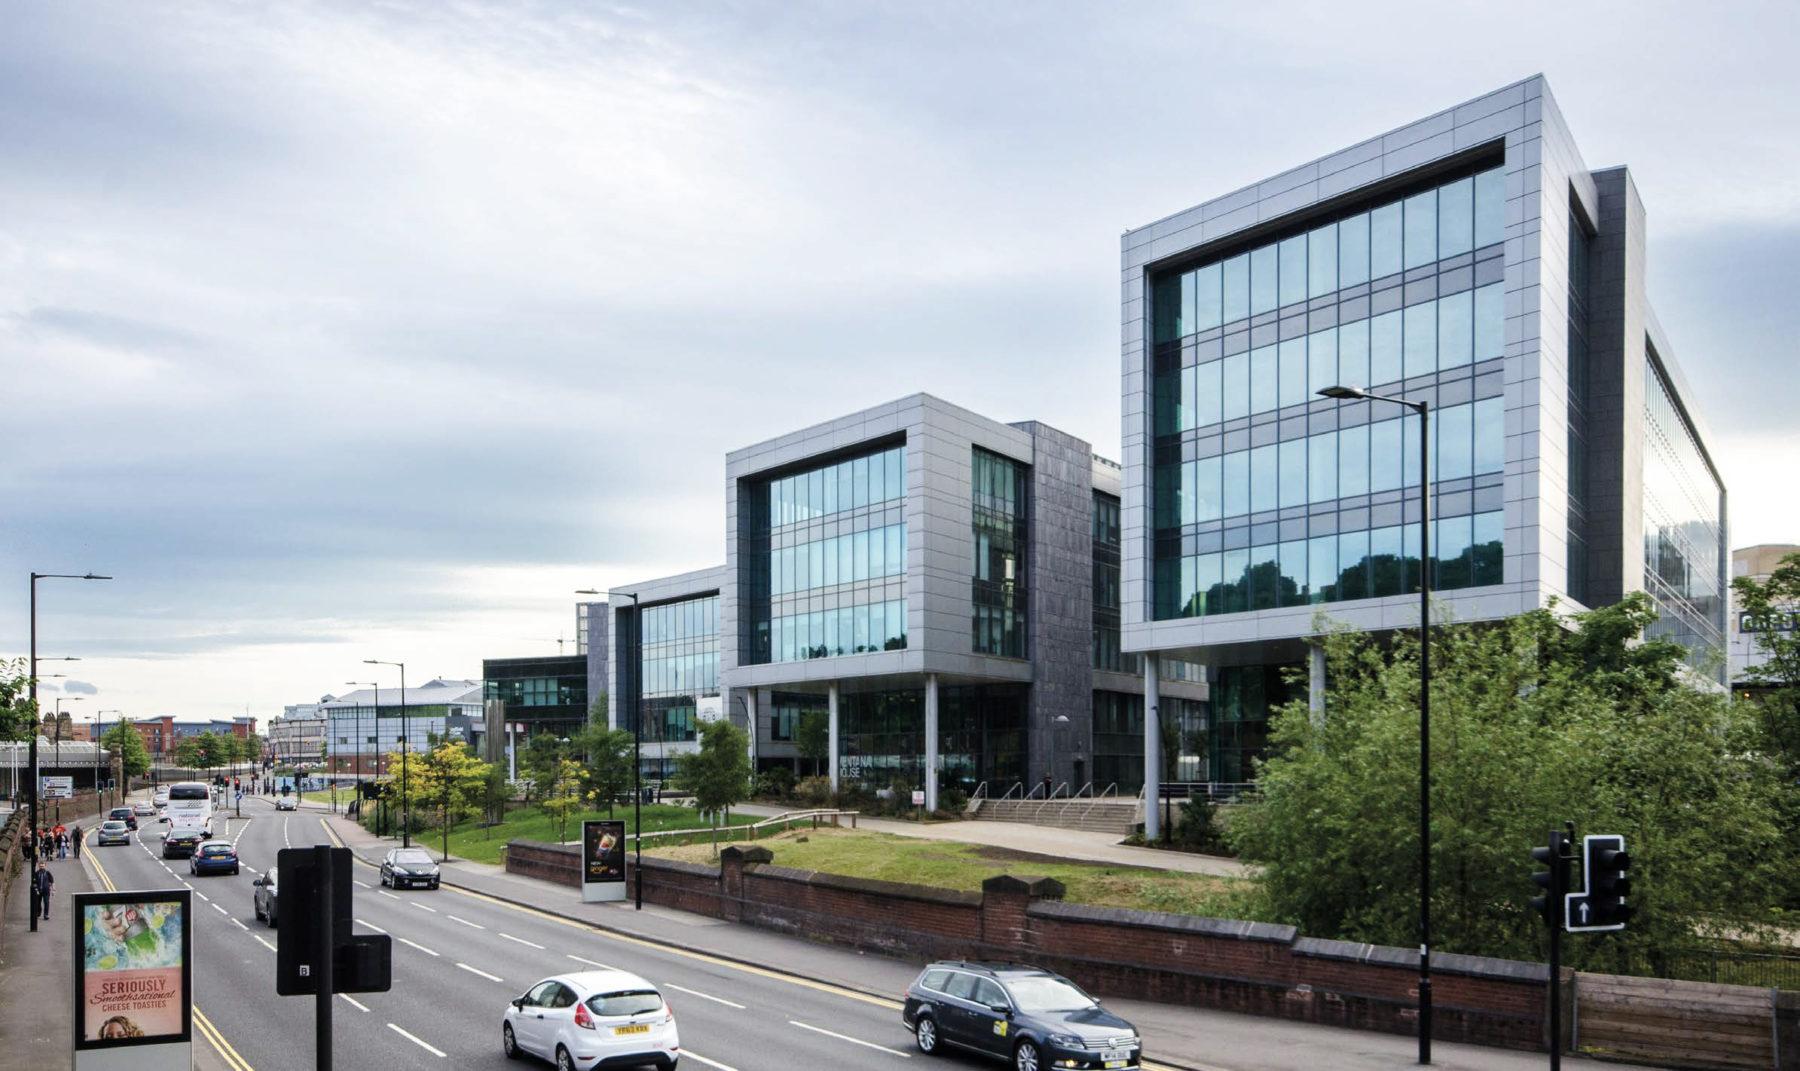 Digital Campus Sheffield